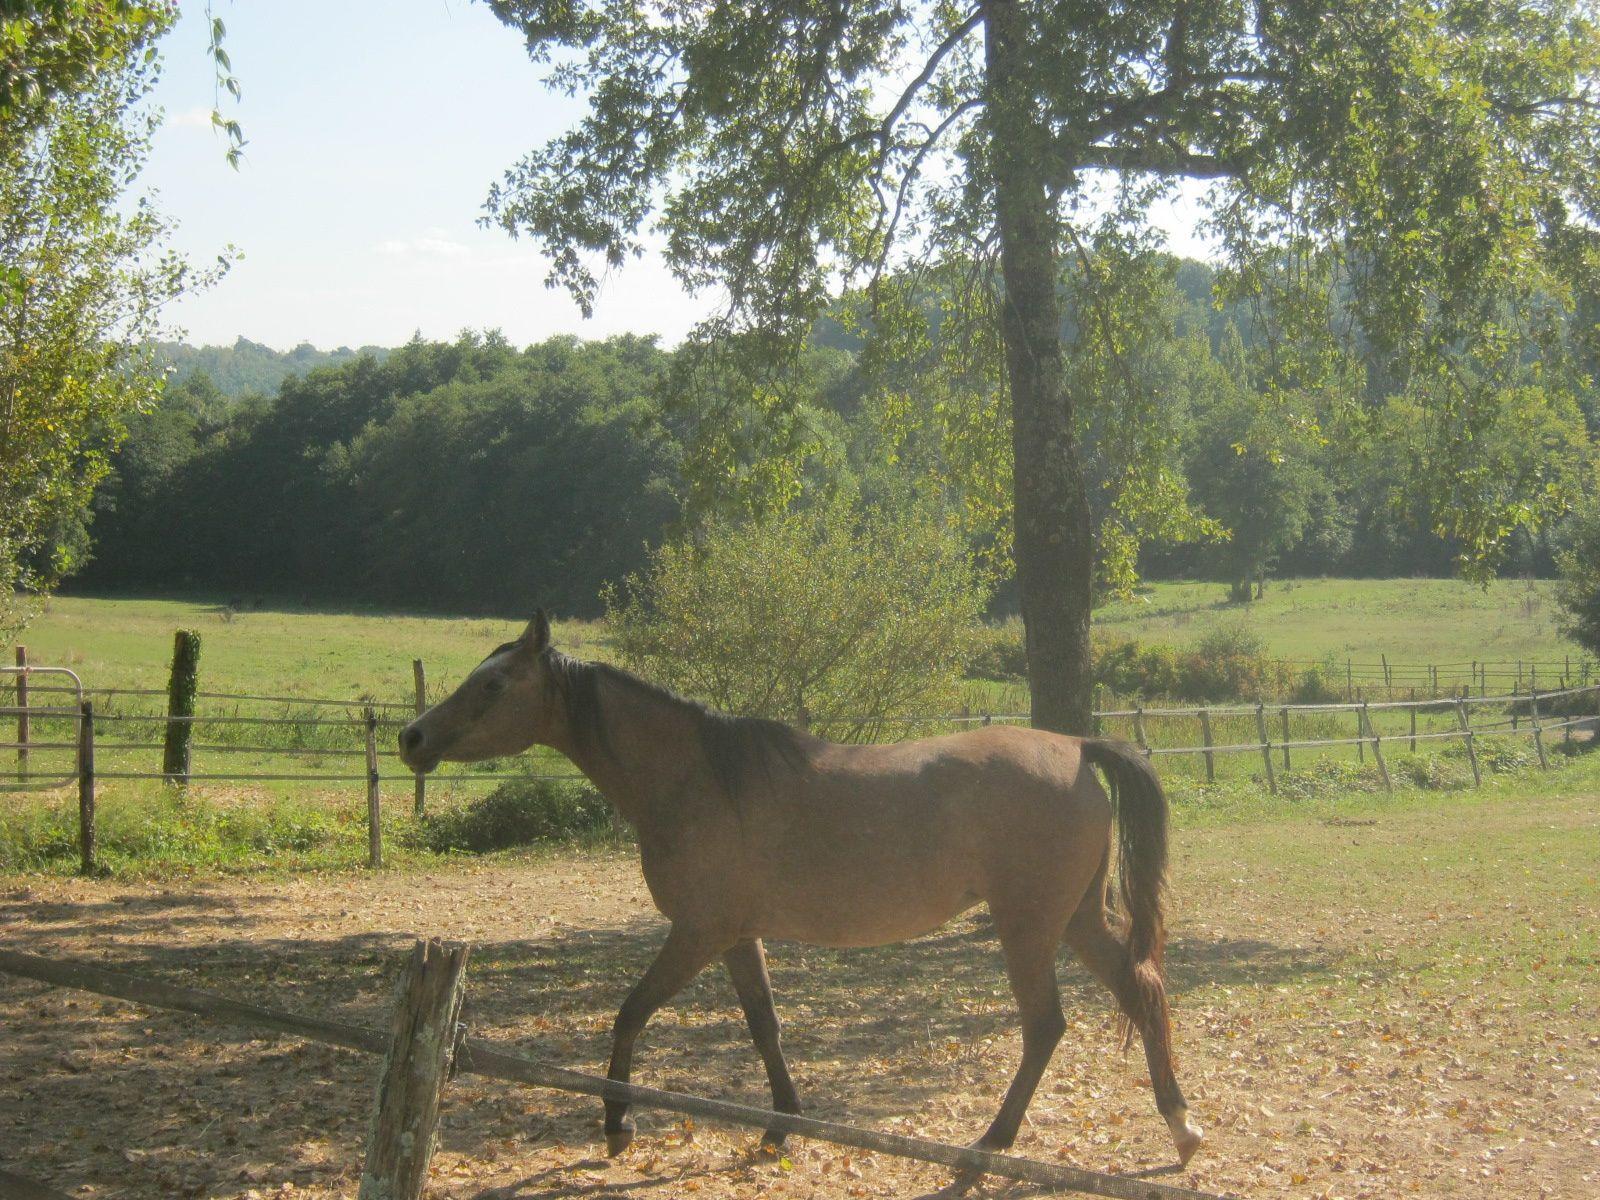 Un beau toutou et des chevaux